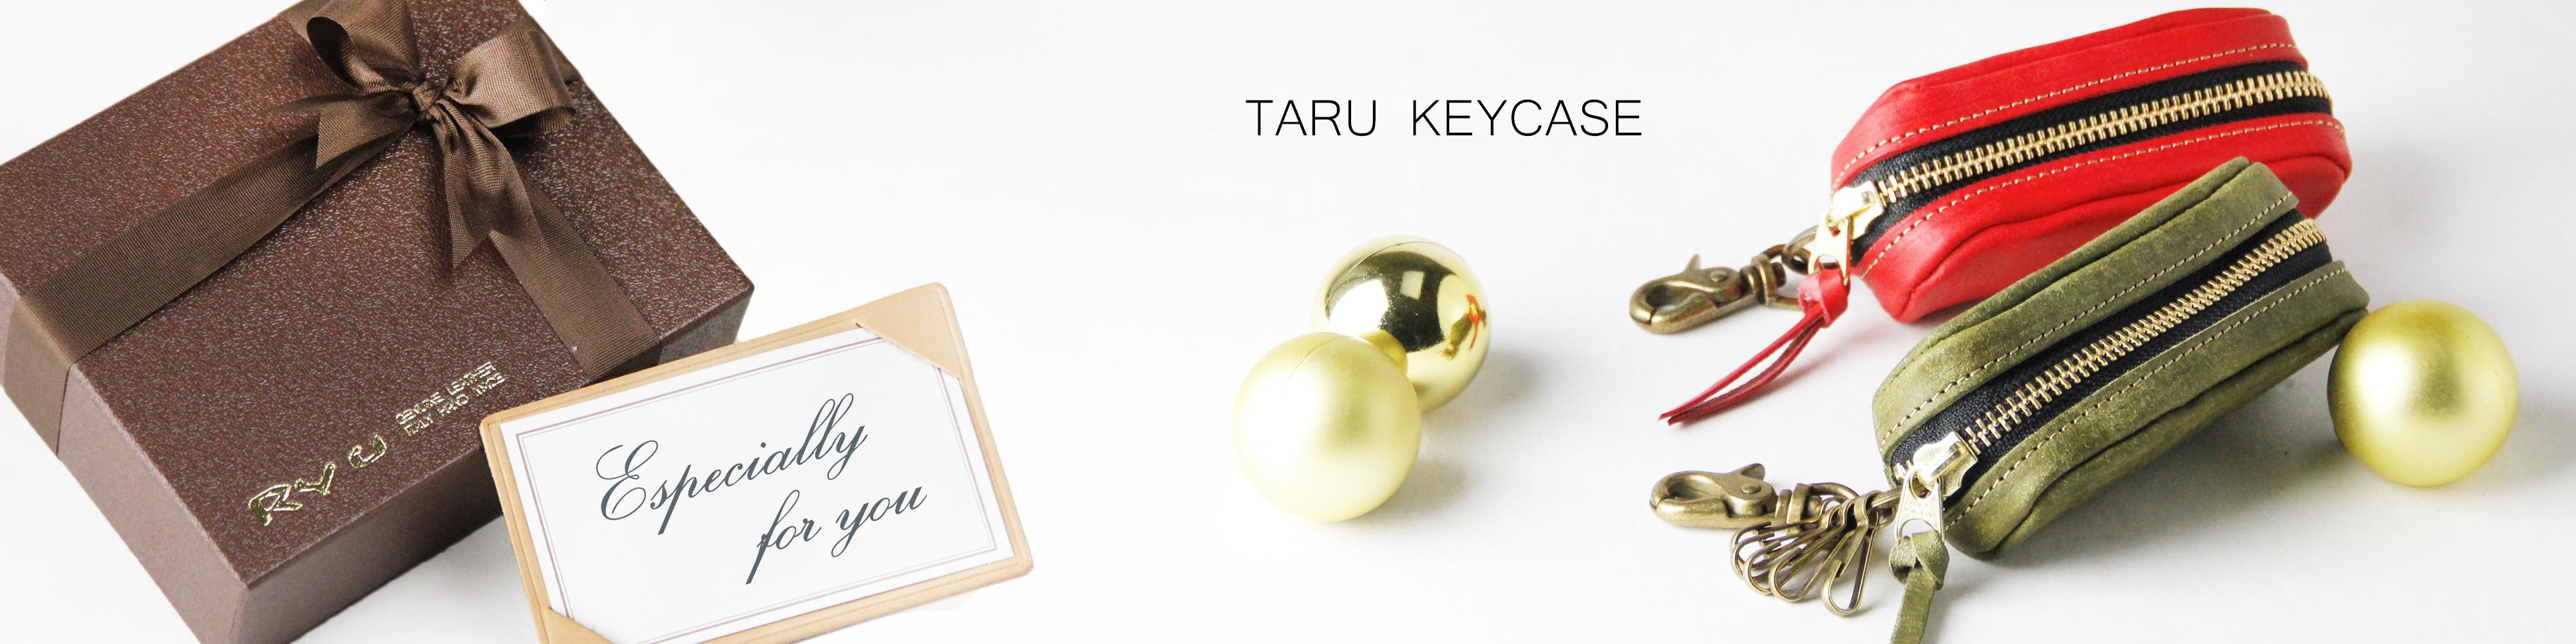 Pick Up / Ryu TARU KEYCASE